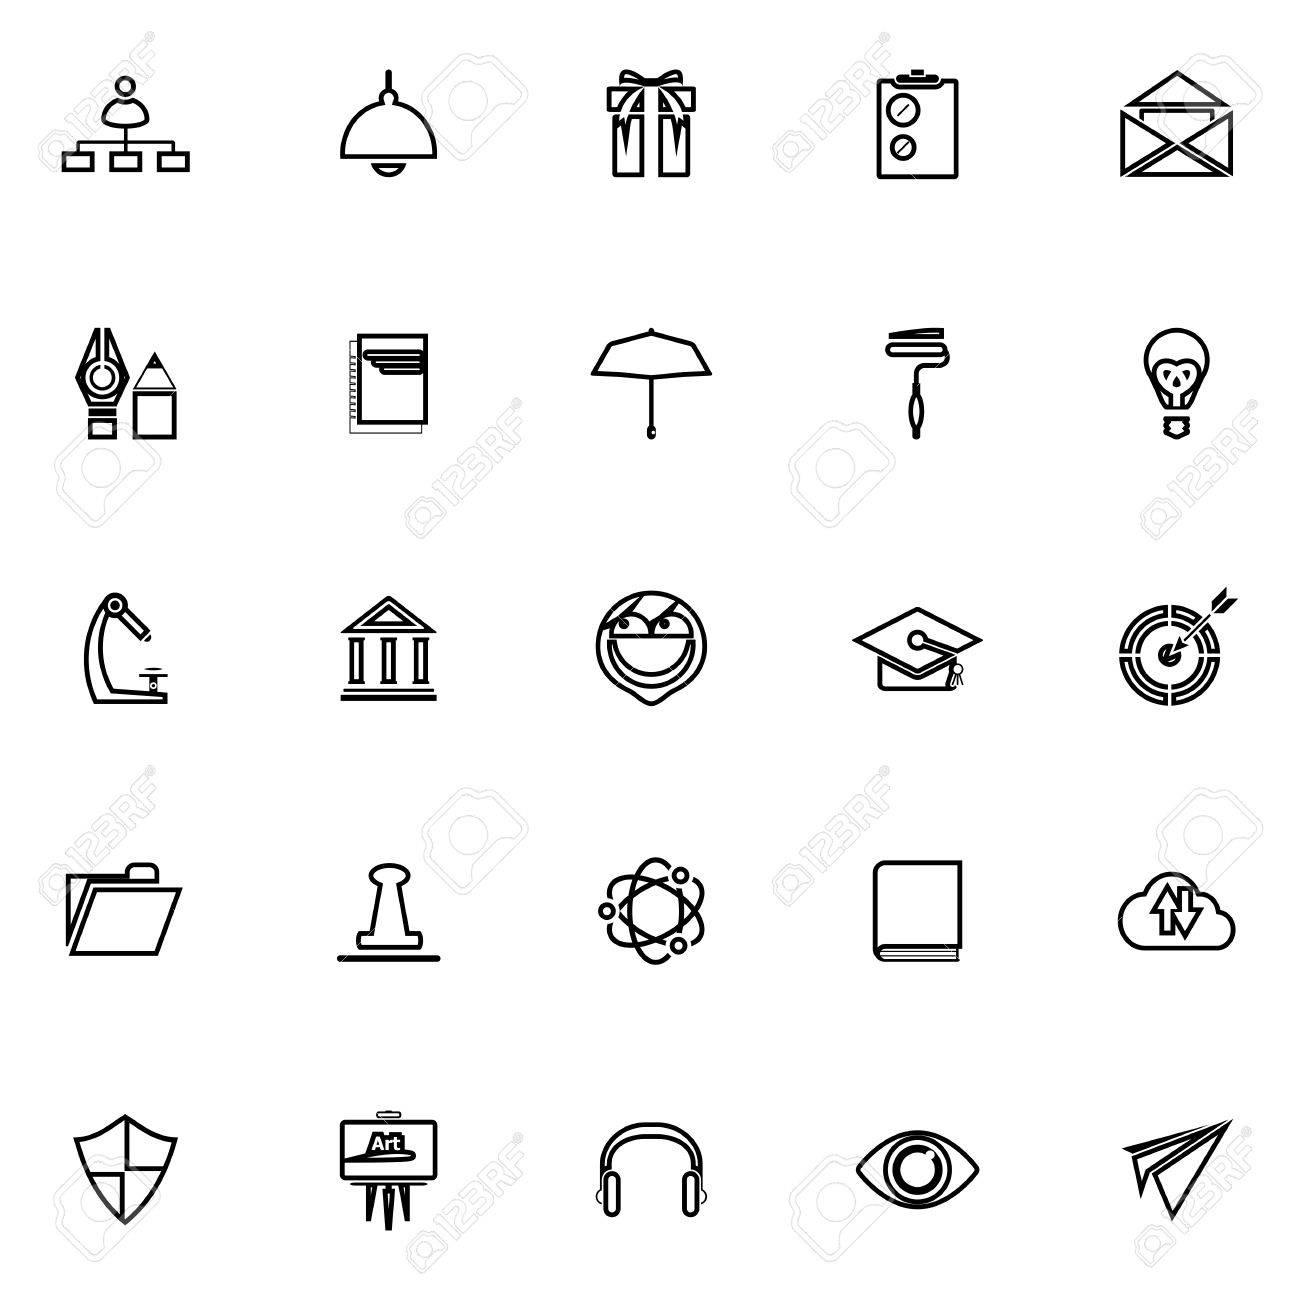 Job Lebenslauf Linie Symbole Auf Weissem Hintergrund Vektorgrafik